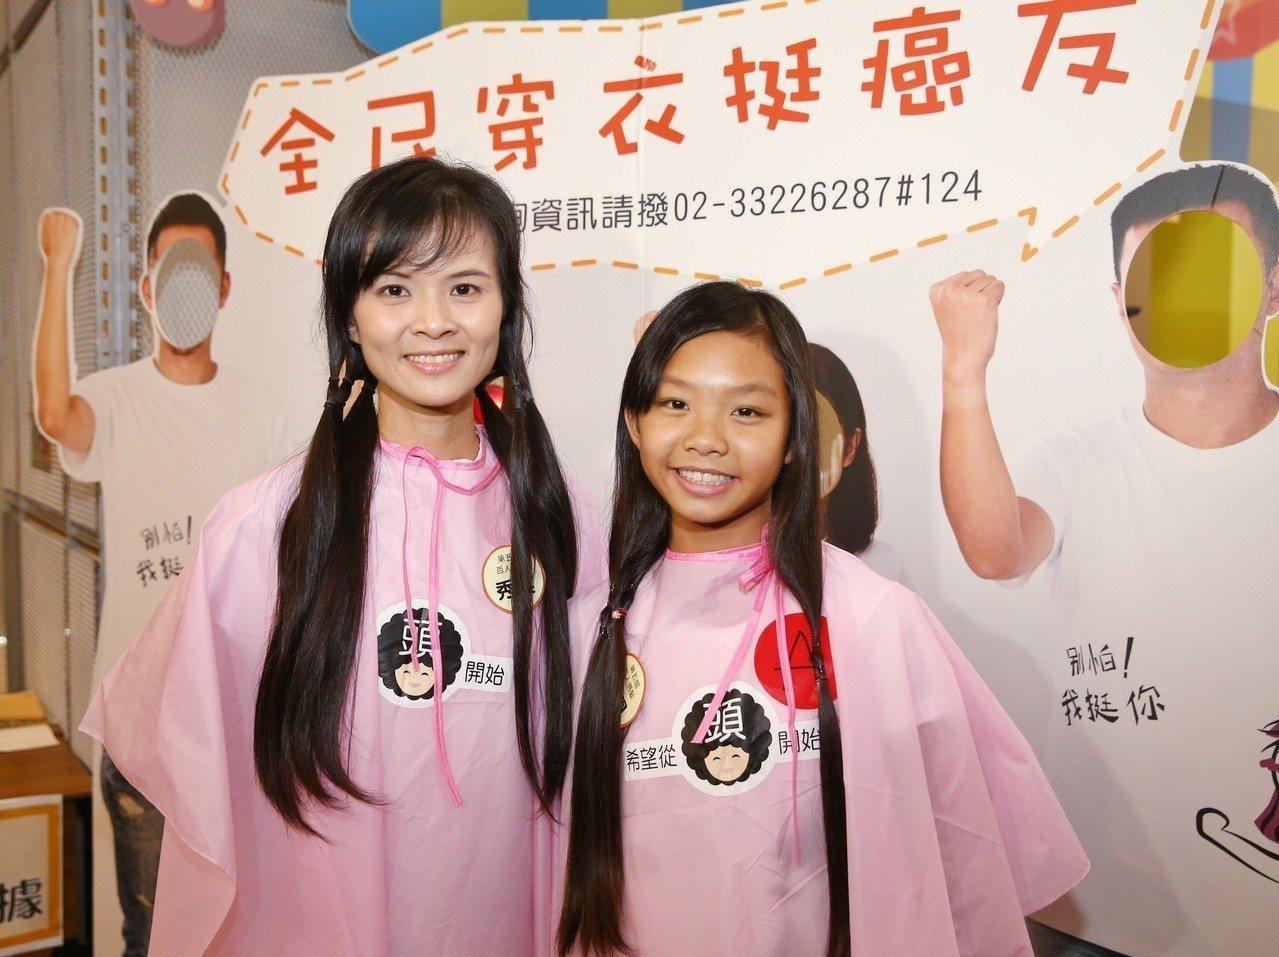 由癌症希望基金會舉辦的第五屆百人捐髮活動,共有124名捐髮者,徐子硯已是第三次參...